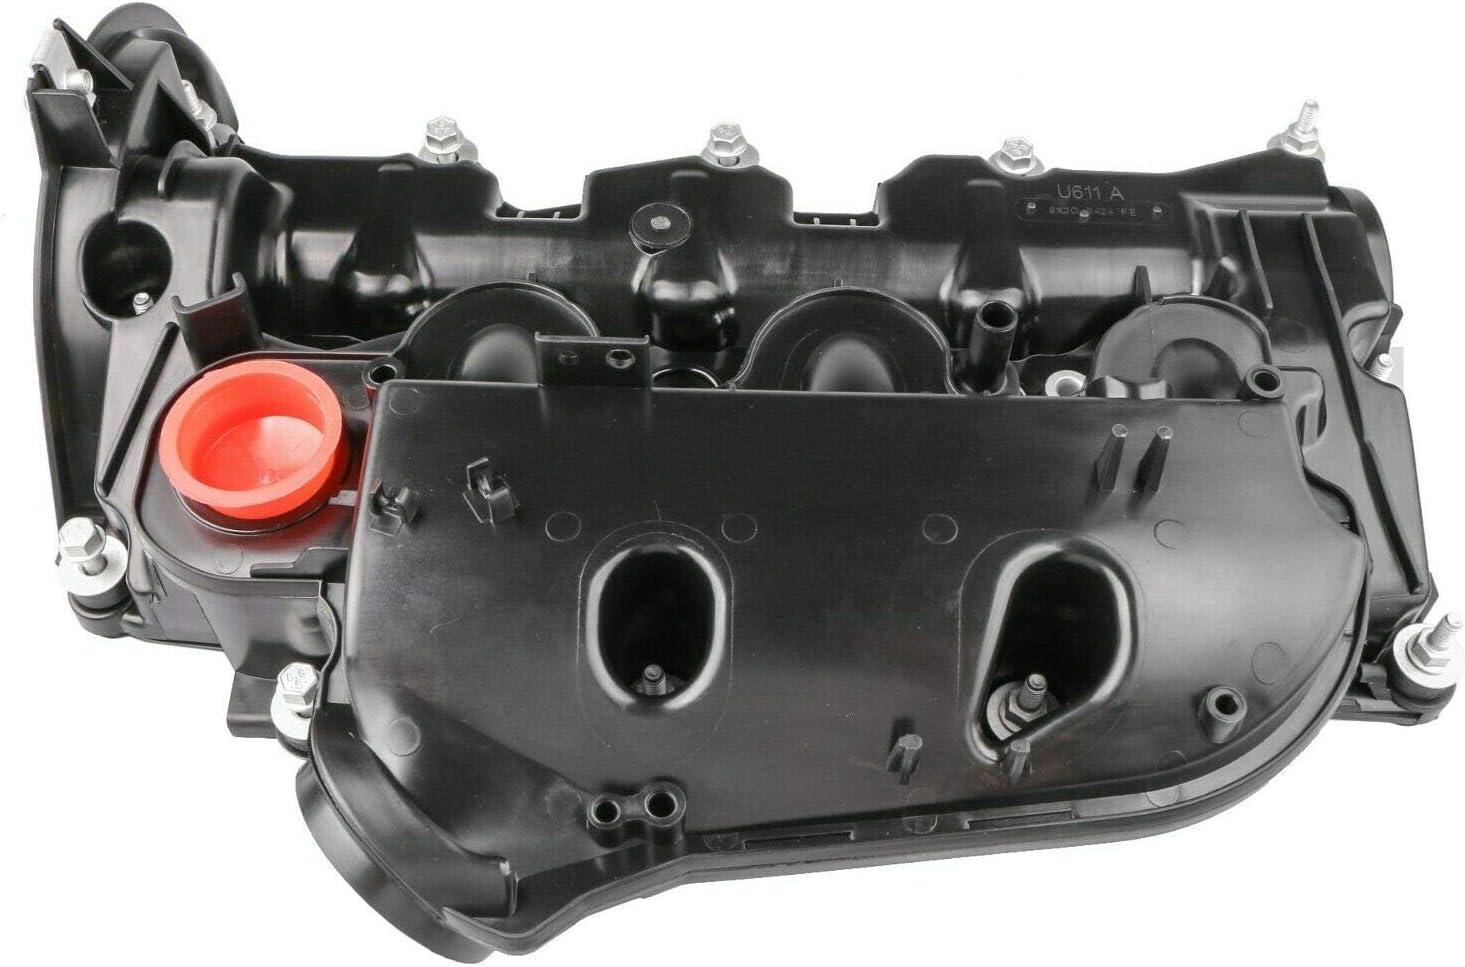 MOSTPLUS Einlassstutzen Rechts Kompatibel mit Discovery /& Sport 3.0 MK4 Ersatz LR105957